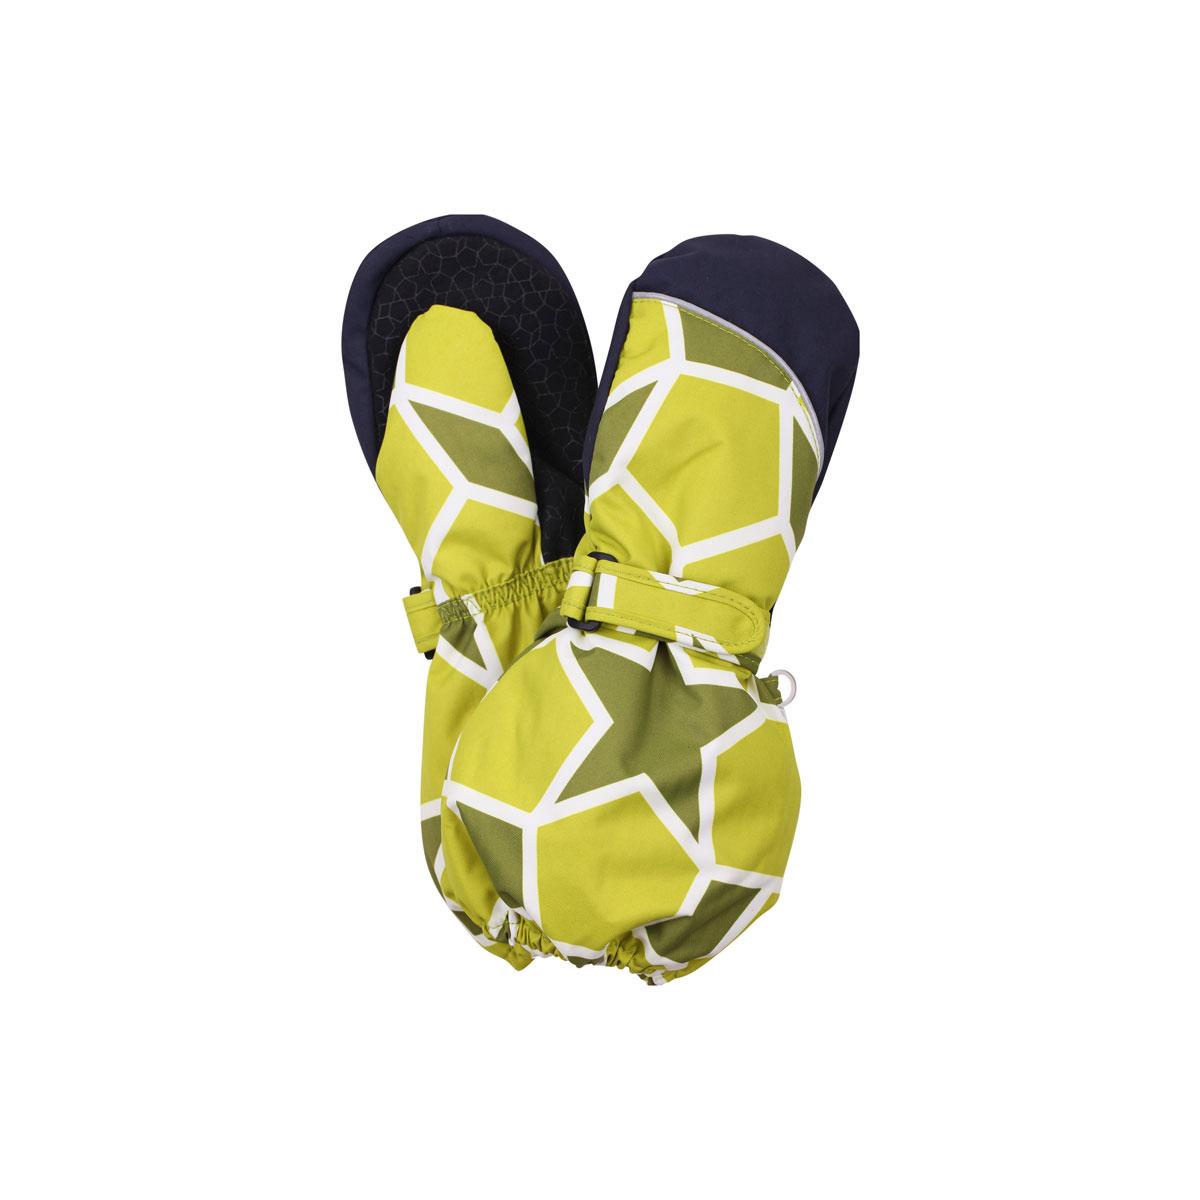 Рукавицы детские Amir. 527129B527129B_3584Детские рукавицы Reima, изготовленные из мембранной ткани с водо- и ветрозащитным покрытием, станут идеальным вариантом для холодной зимней погоды. На подкладке используется искусственный мех, который хорошо удерживает тепло. Для большего удобства на запястьях рукавицы дополнены эластичными резинками и хлястиками на липучках, а на ладошках и с внутренней стороны большого пальца - усиленными вставками. С внешней стороны рукавицы оформлены светоотражающими элементами. Средняя степень утепления.